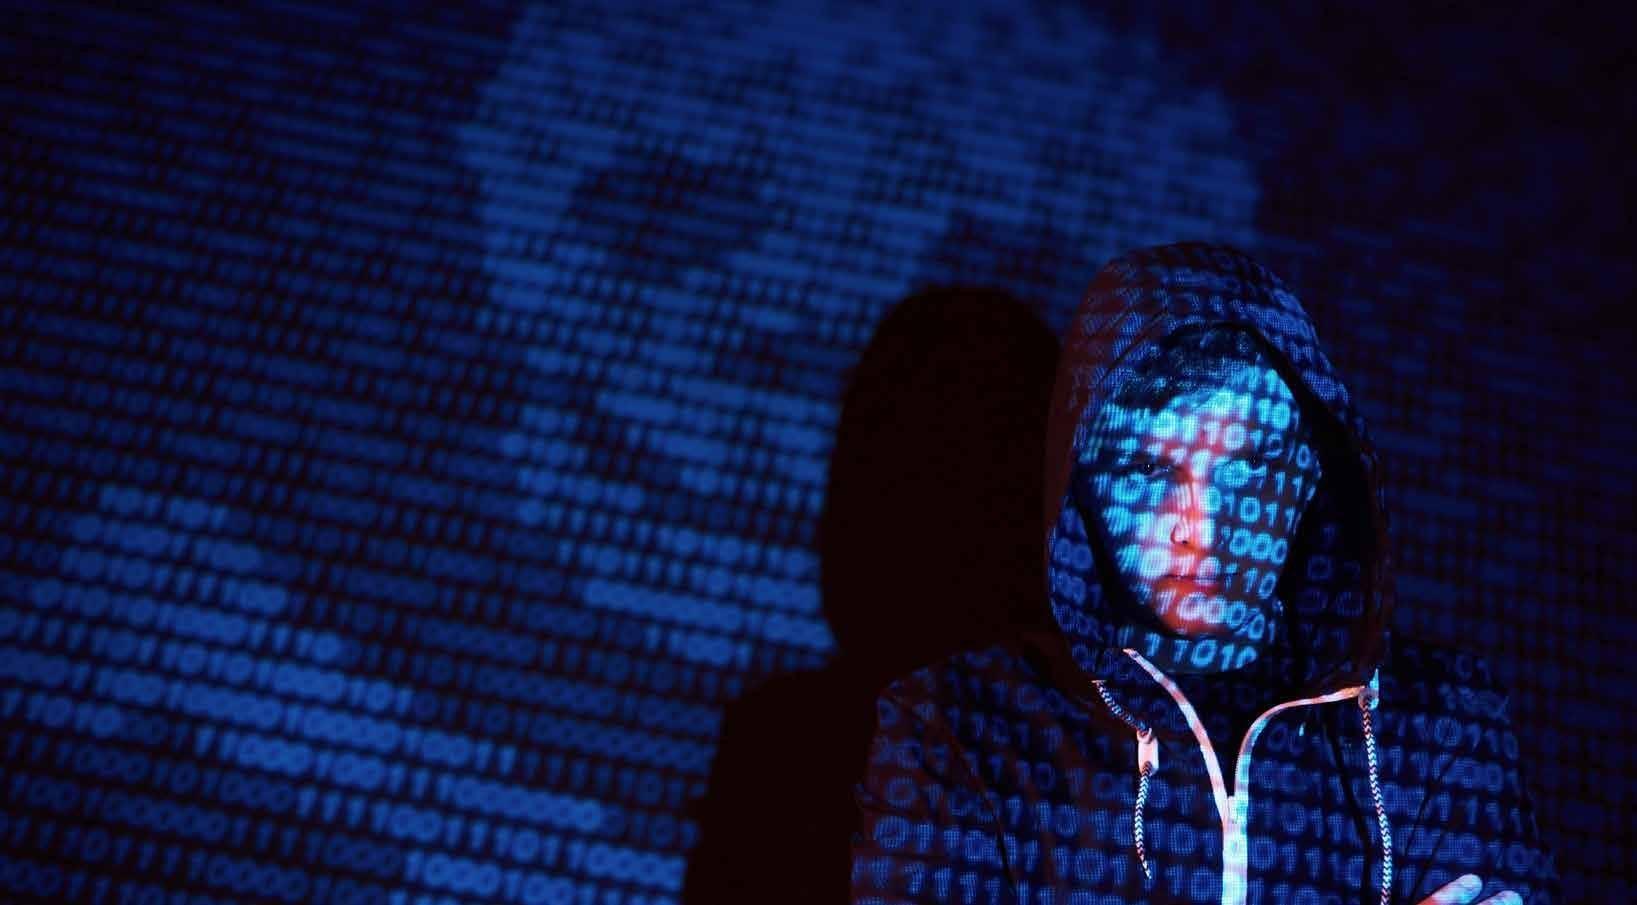 Page 20 of CRIMES CIBERNÉTICOS Contra-ataque às fraudes digitais